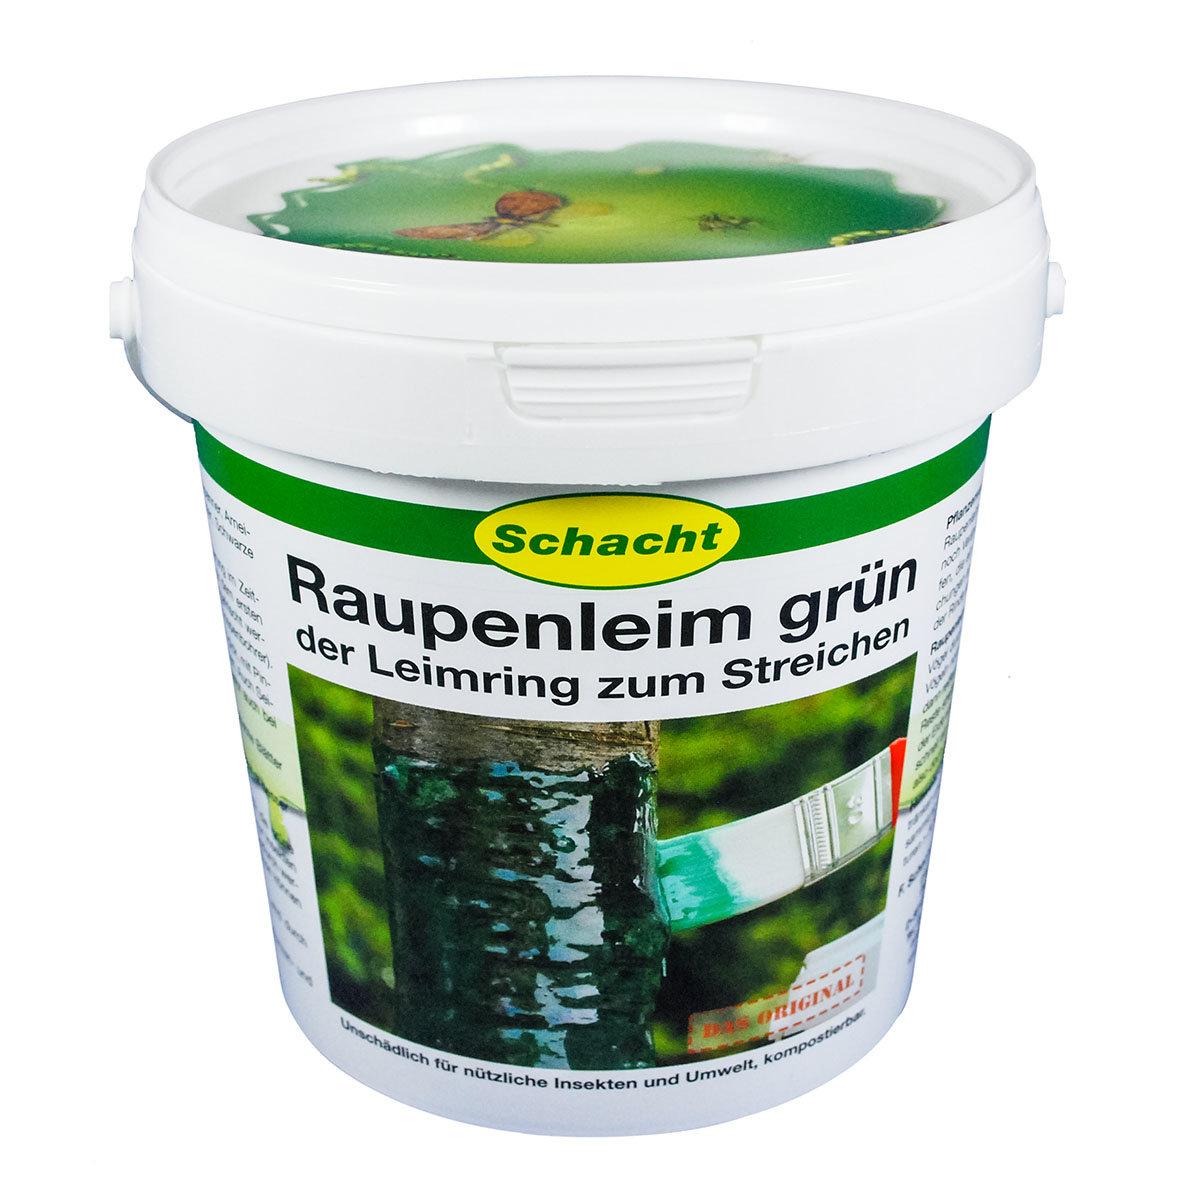 Schacht Raupenleim grün, 1 kg